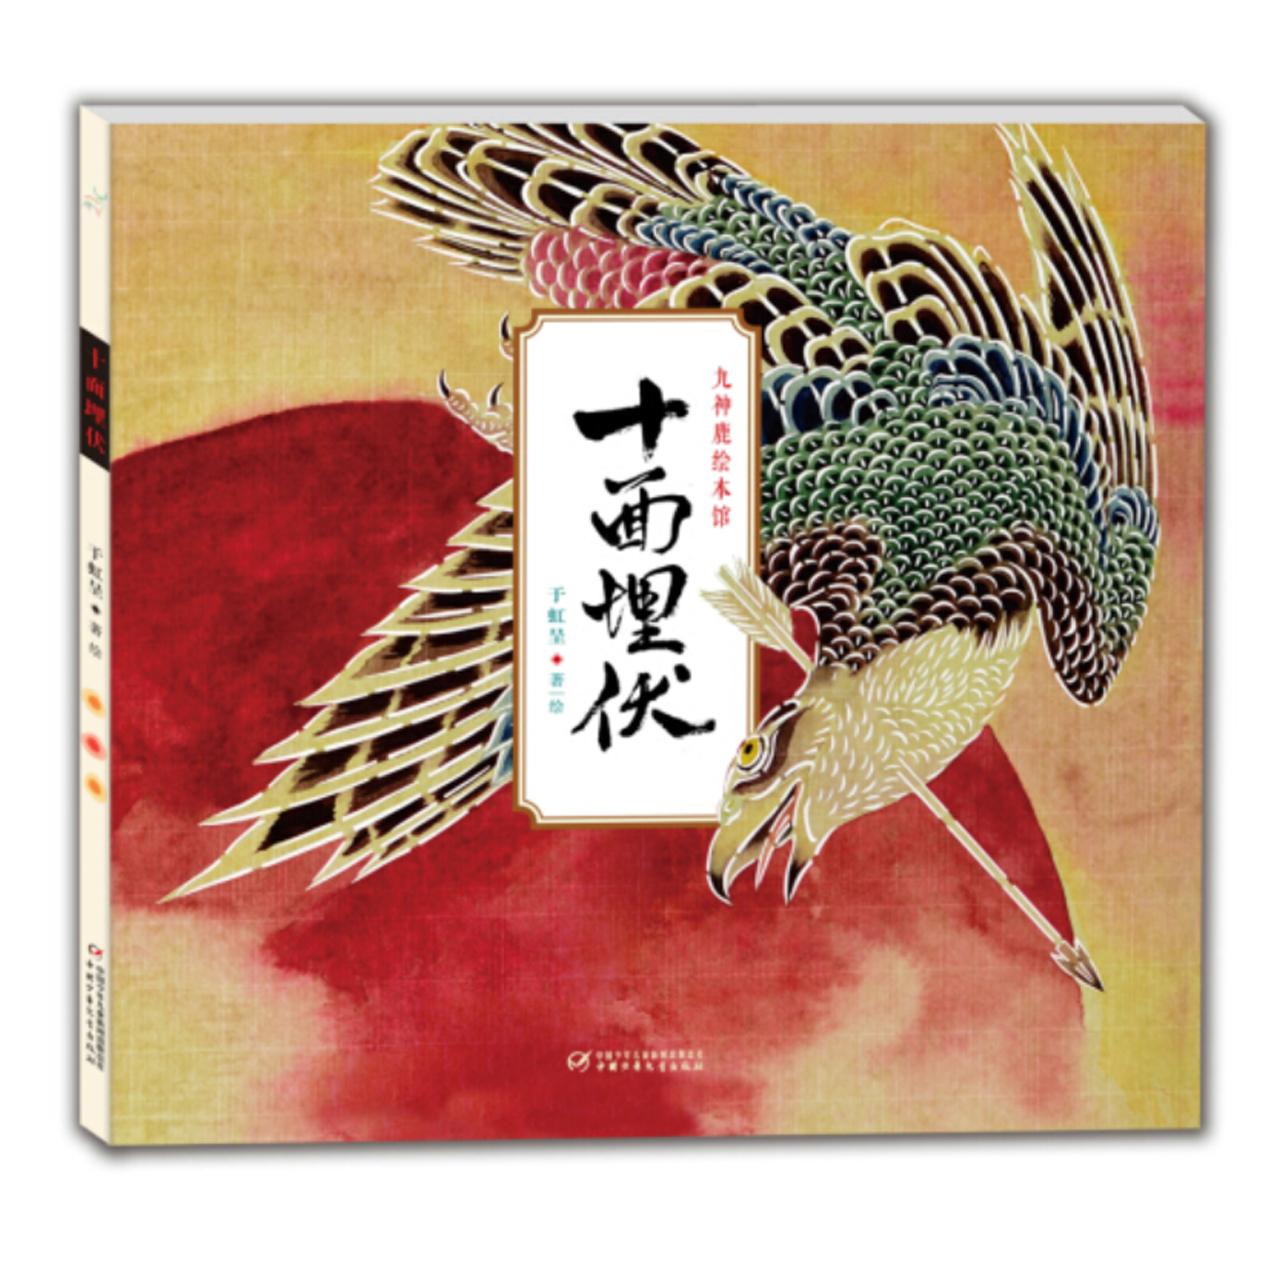 十面埋伏【儿童绘本/中国绘本/民间故事】